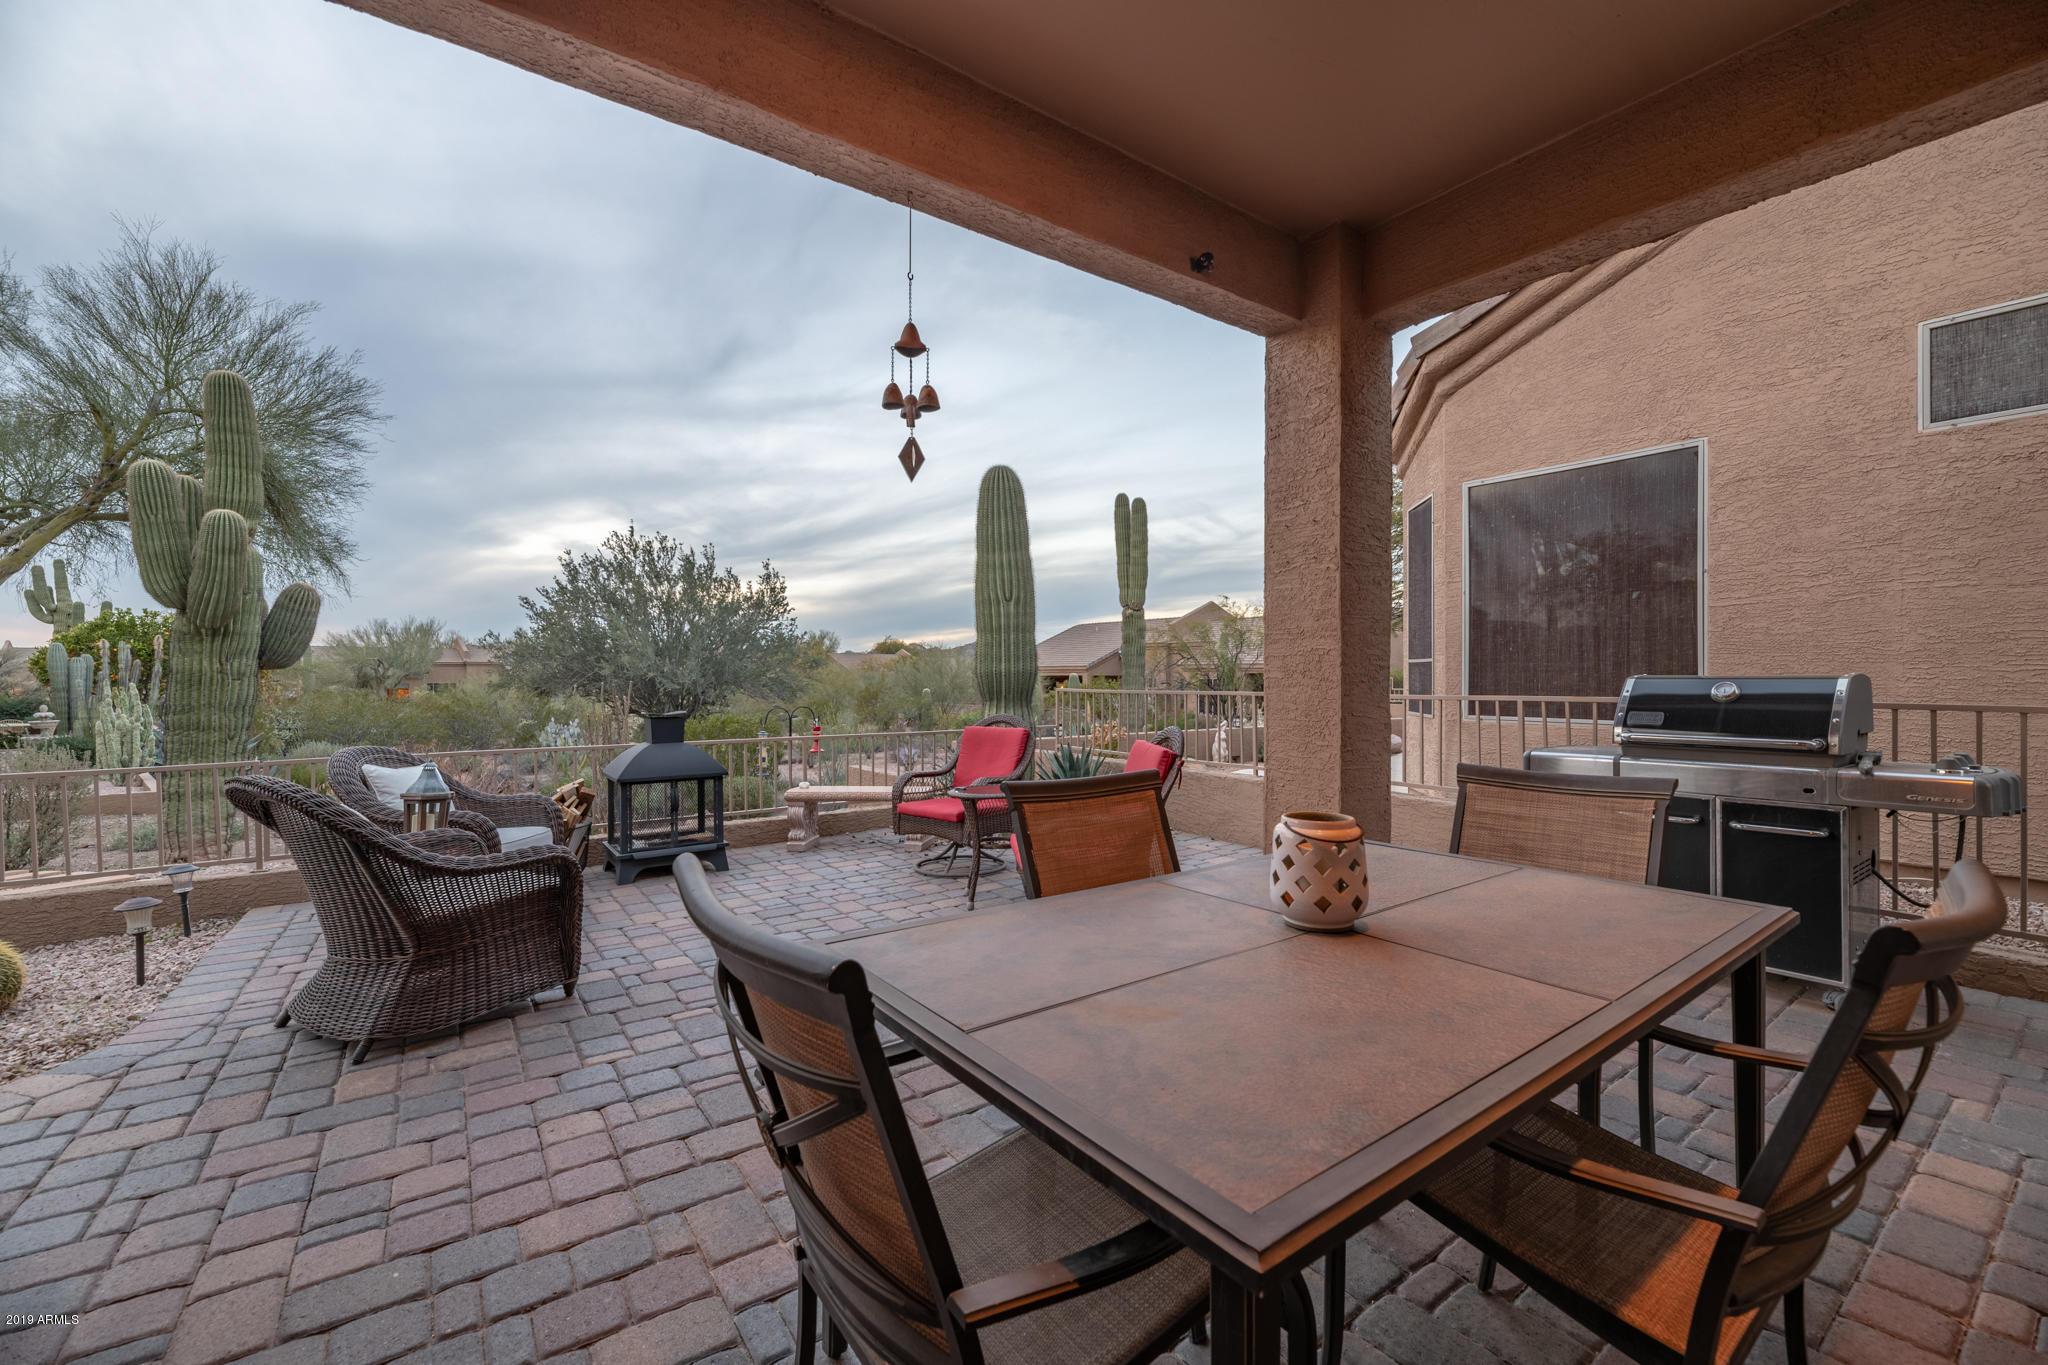 MLS 5876704 5826 S PINNACLE Drive, Gold Canyon, AZ 85118 Gold Canyon AZ Mountainbrook Village